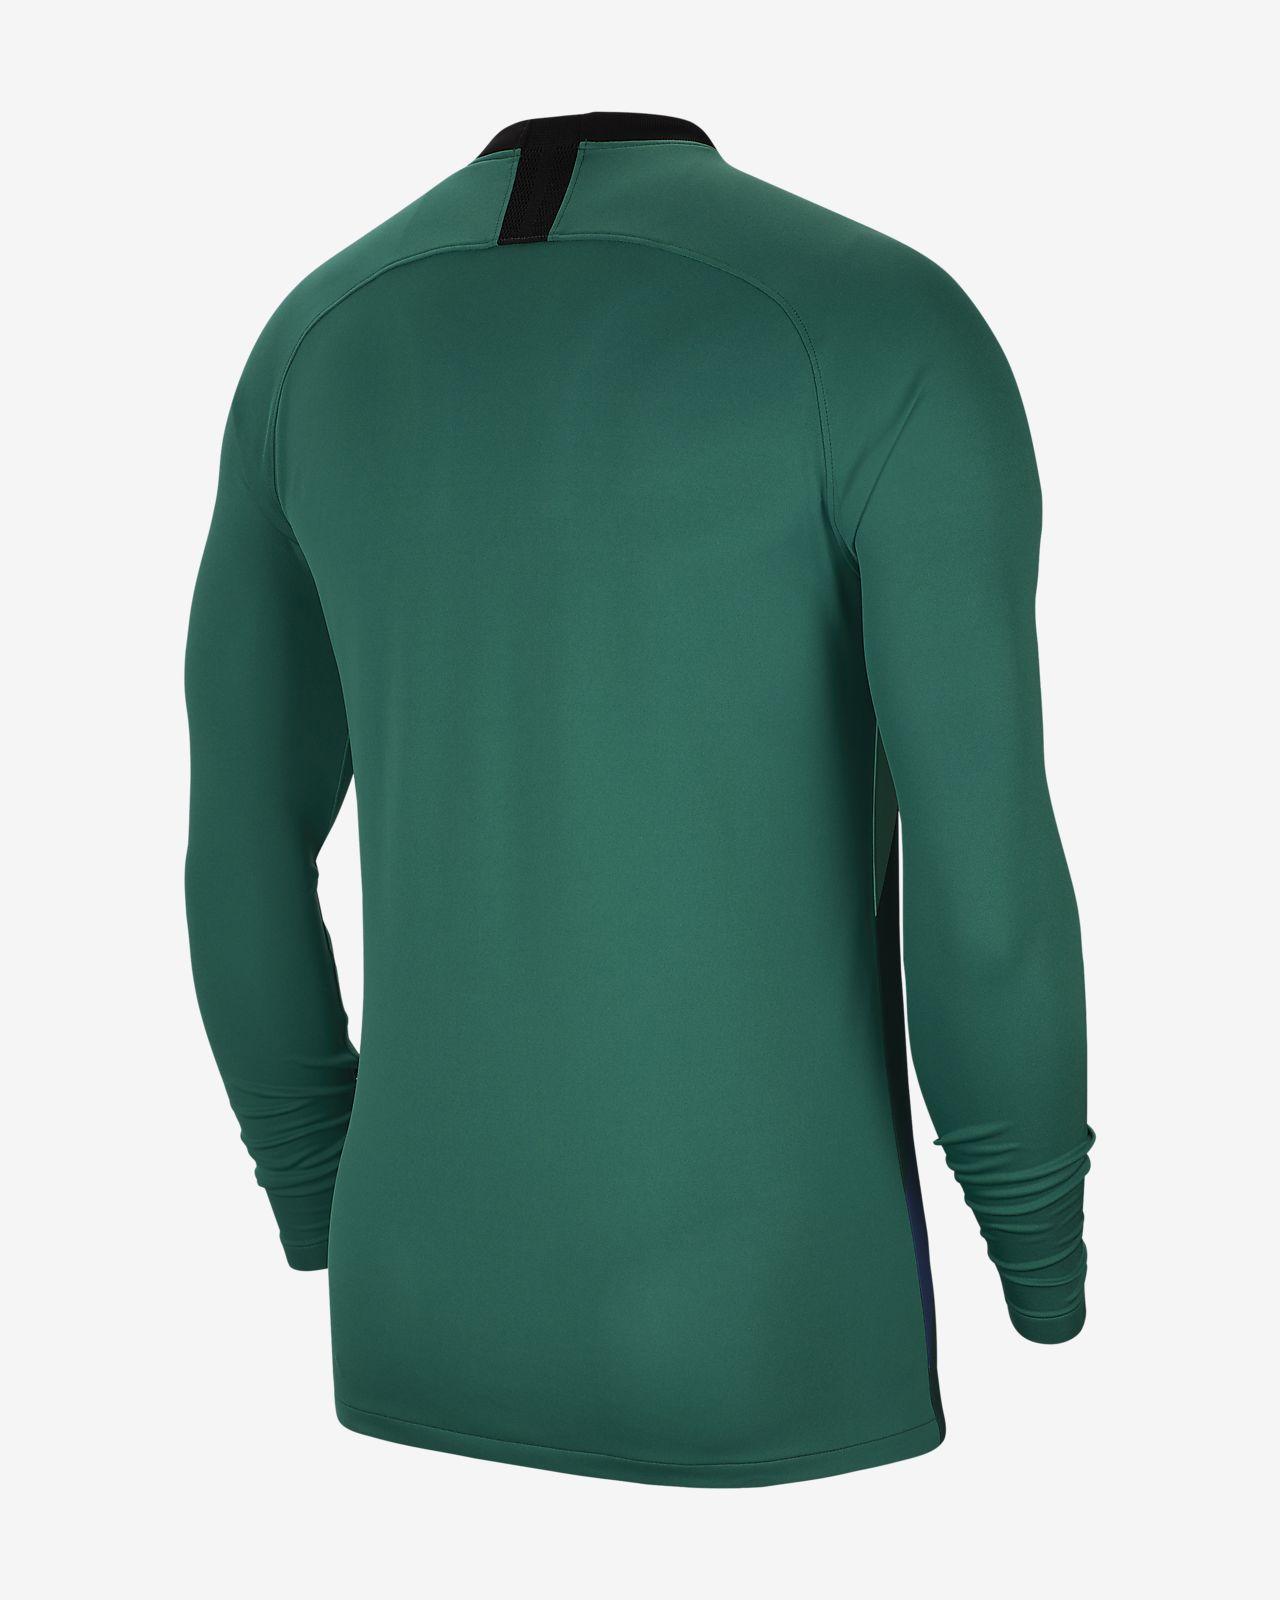 timeless design 6303e 1c1d4 Paris Saint-Germain 2019/20 Stadium Goalkeeper Third Men's Football Shirt